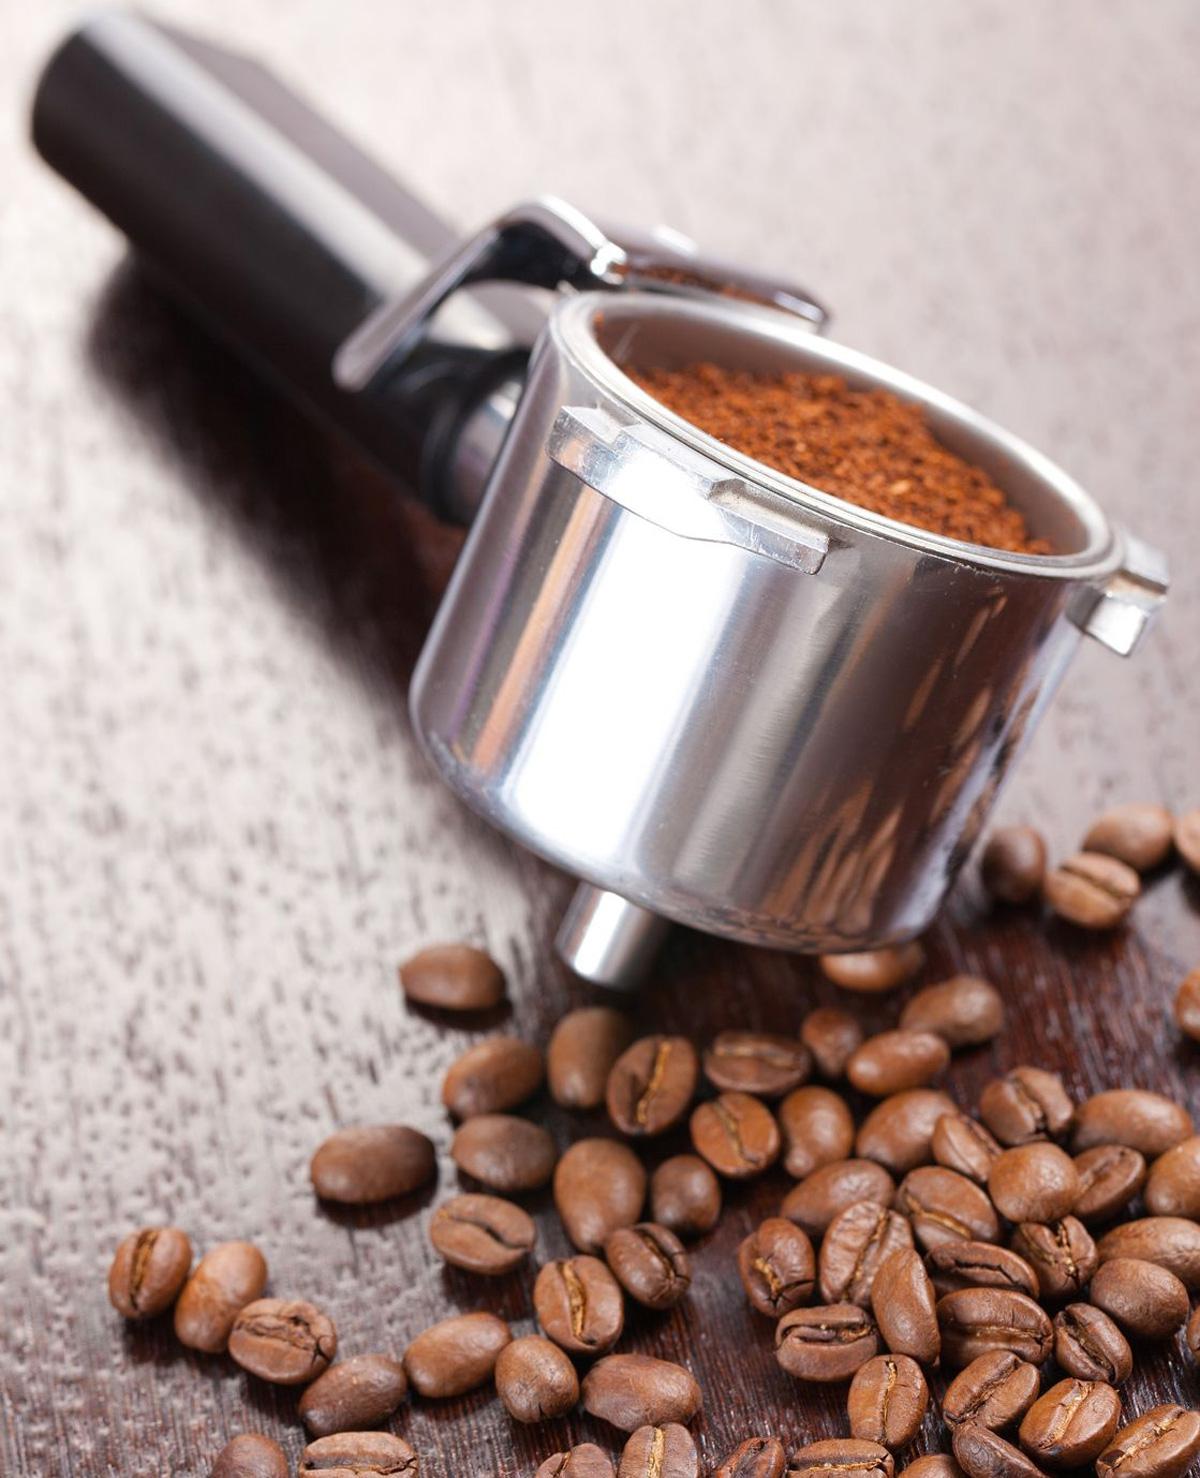 Schoonmaken met koffieprut